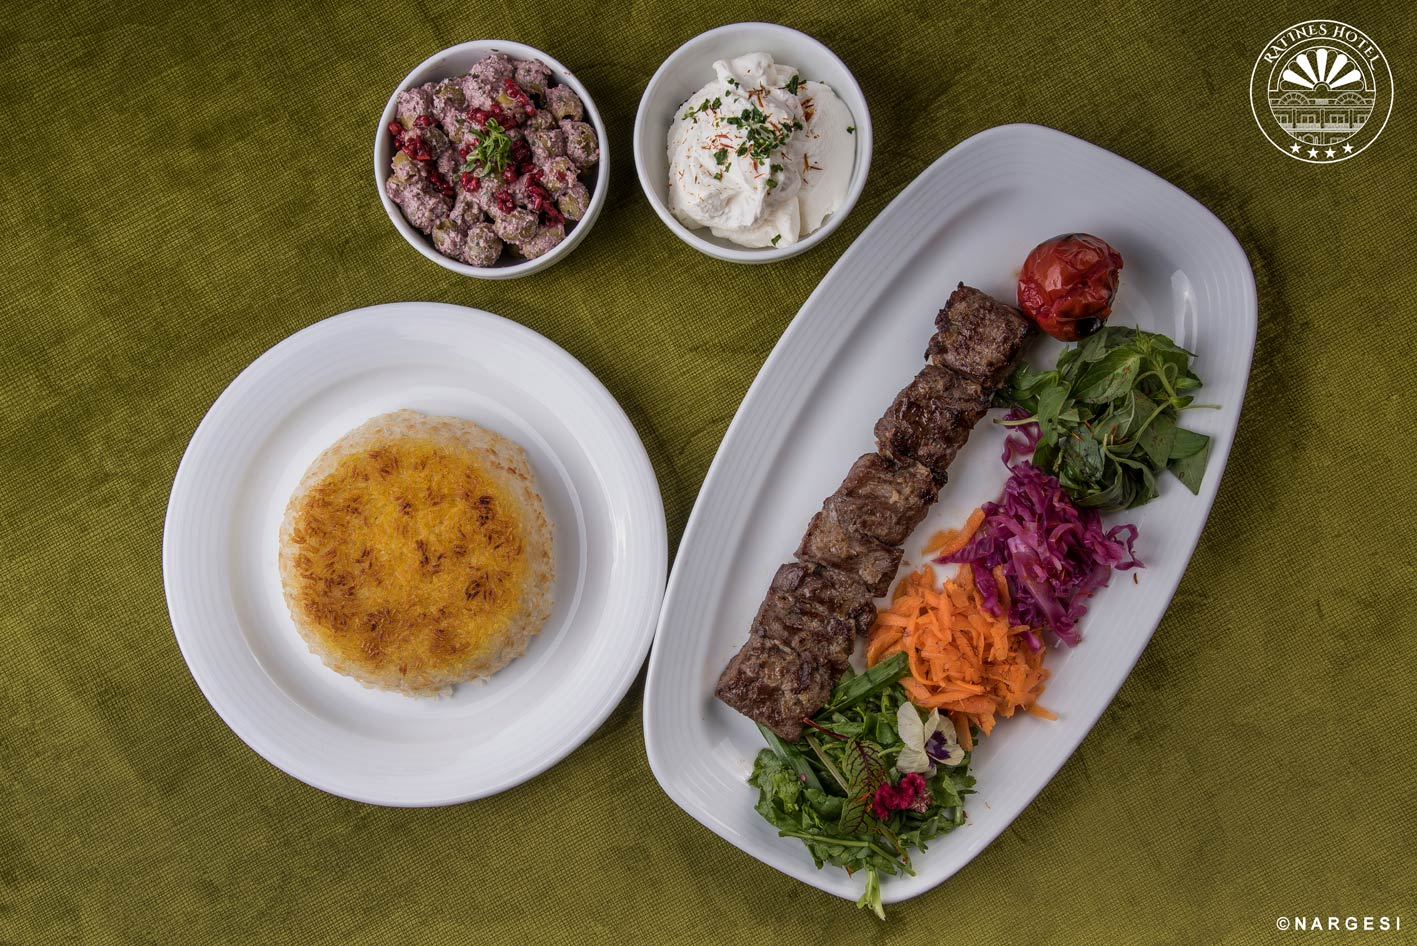 خوشمزه ترین غذاها را در هتل راتینس گیلان تجربه کنید